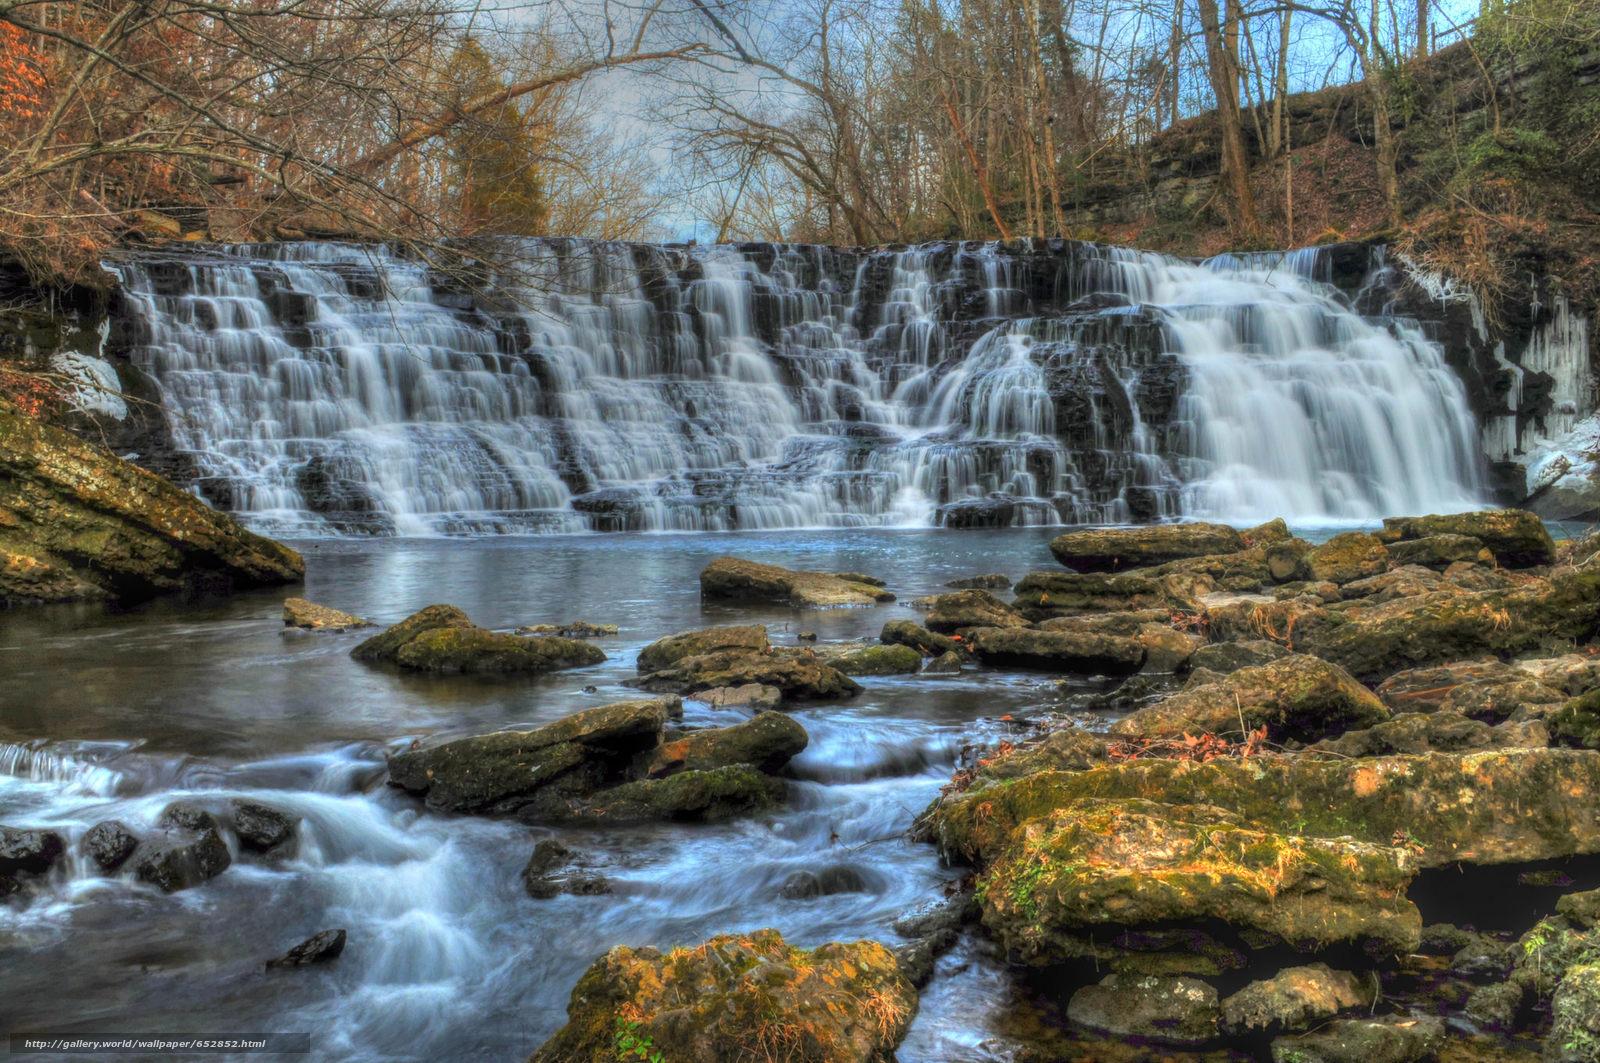 Download Hintergrund Wasserfall,  Rocks,  Fluss,  Bäume Freie desktop Tapeten in der Auflosung 2048x1360 — bild №652852